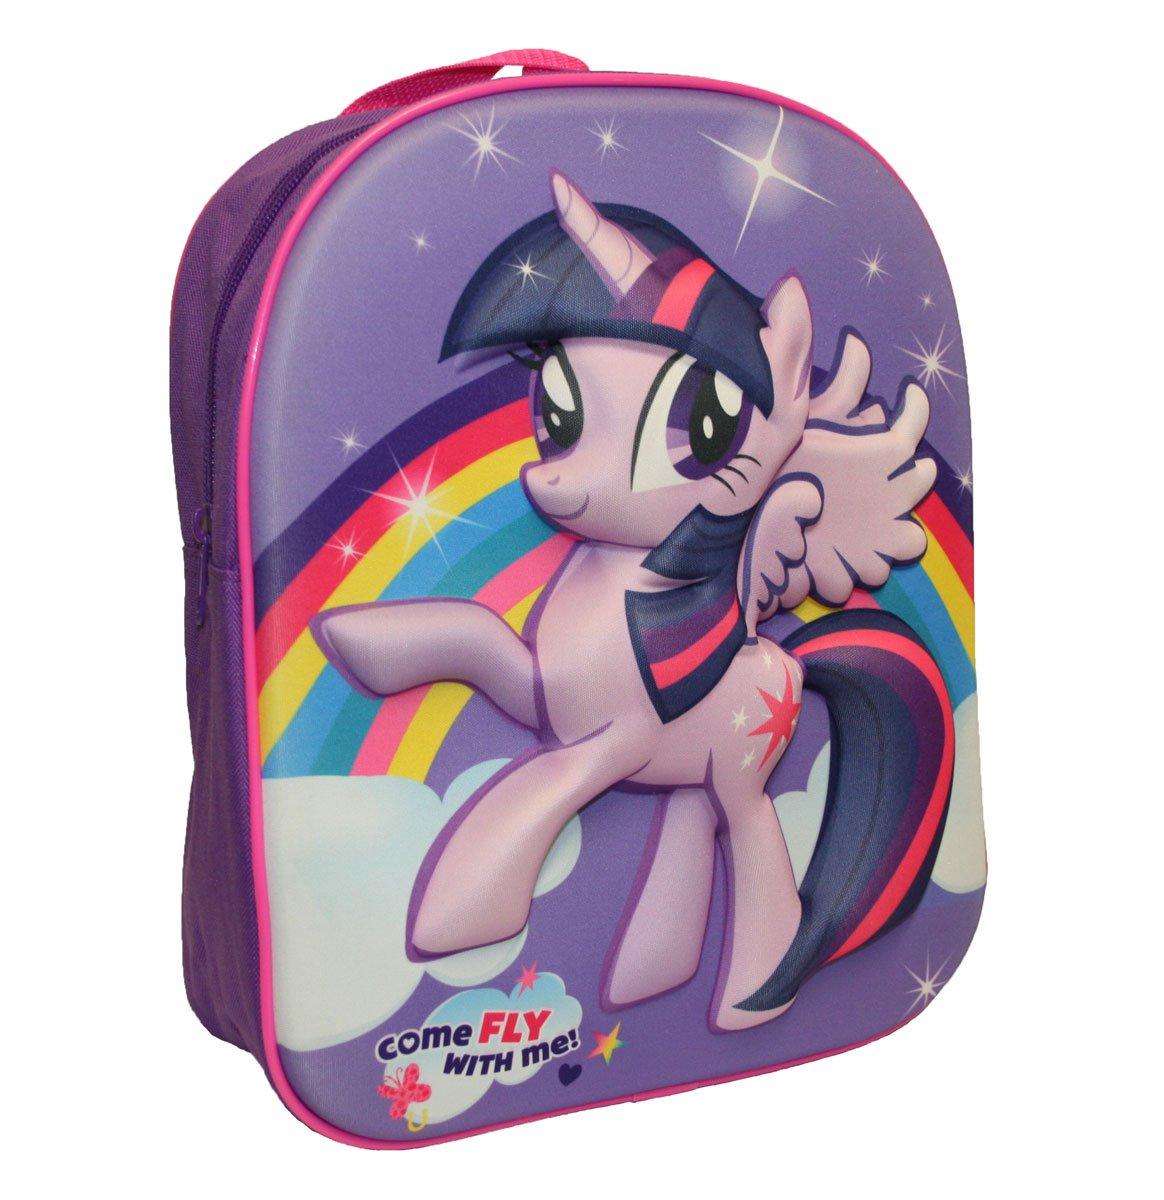 Mon Petit Poney EVA Sac à Dos pour Enfant, 32cm, 8l, Violet My Little Pony MLP001051